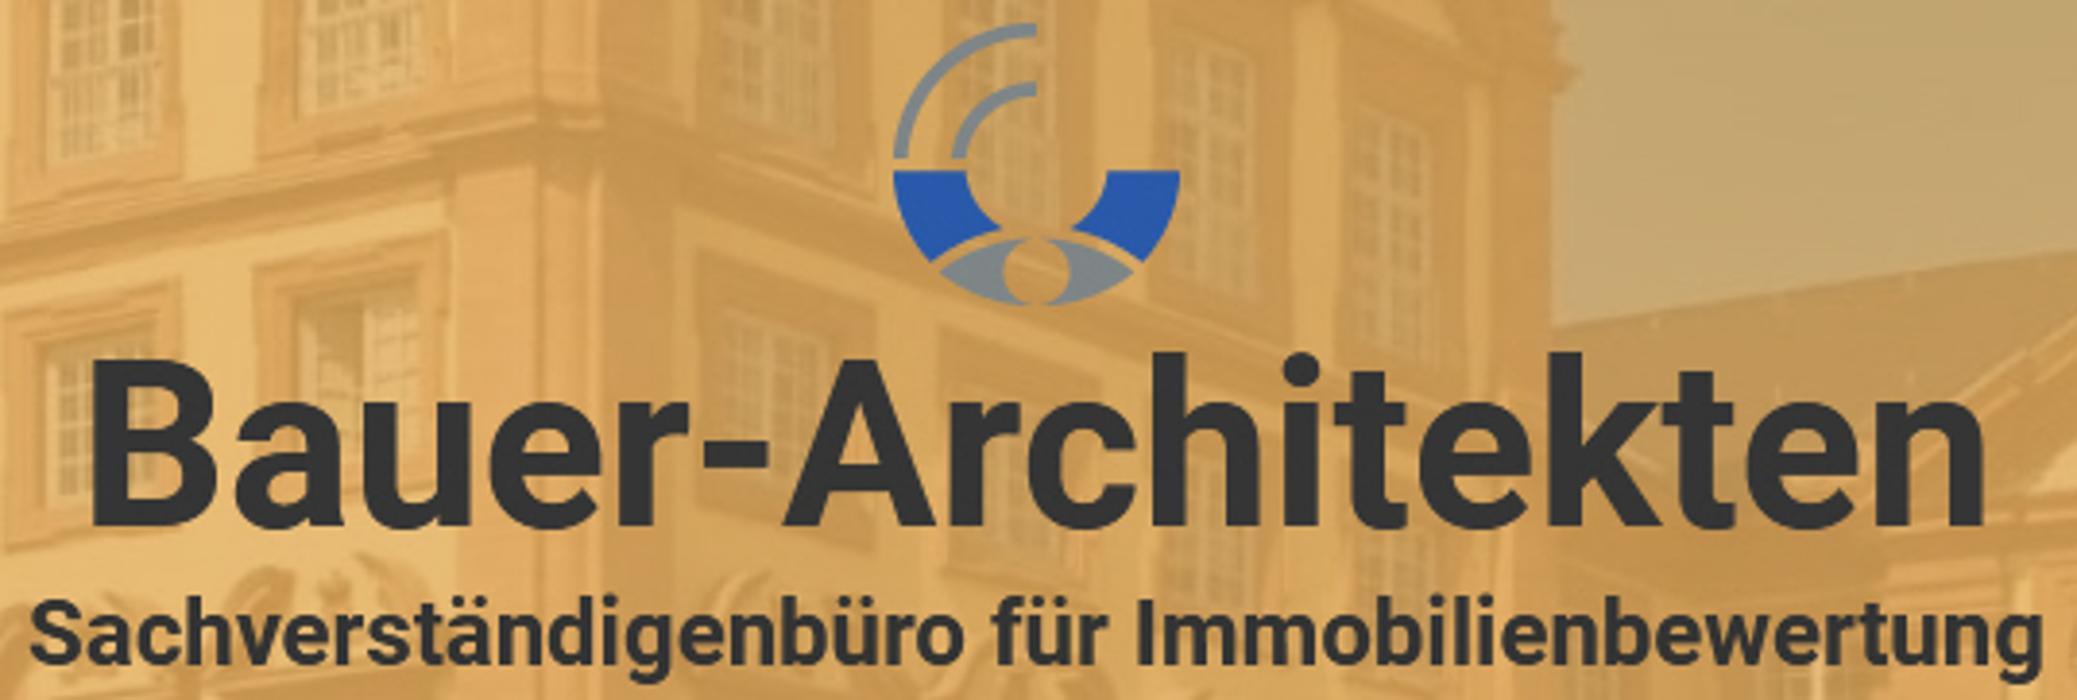 Bild zu Holger Bauer Dipl. Ing. ö.b.u.v. Sachverständigenbüro Immobewertung in Mannheim